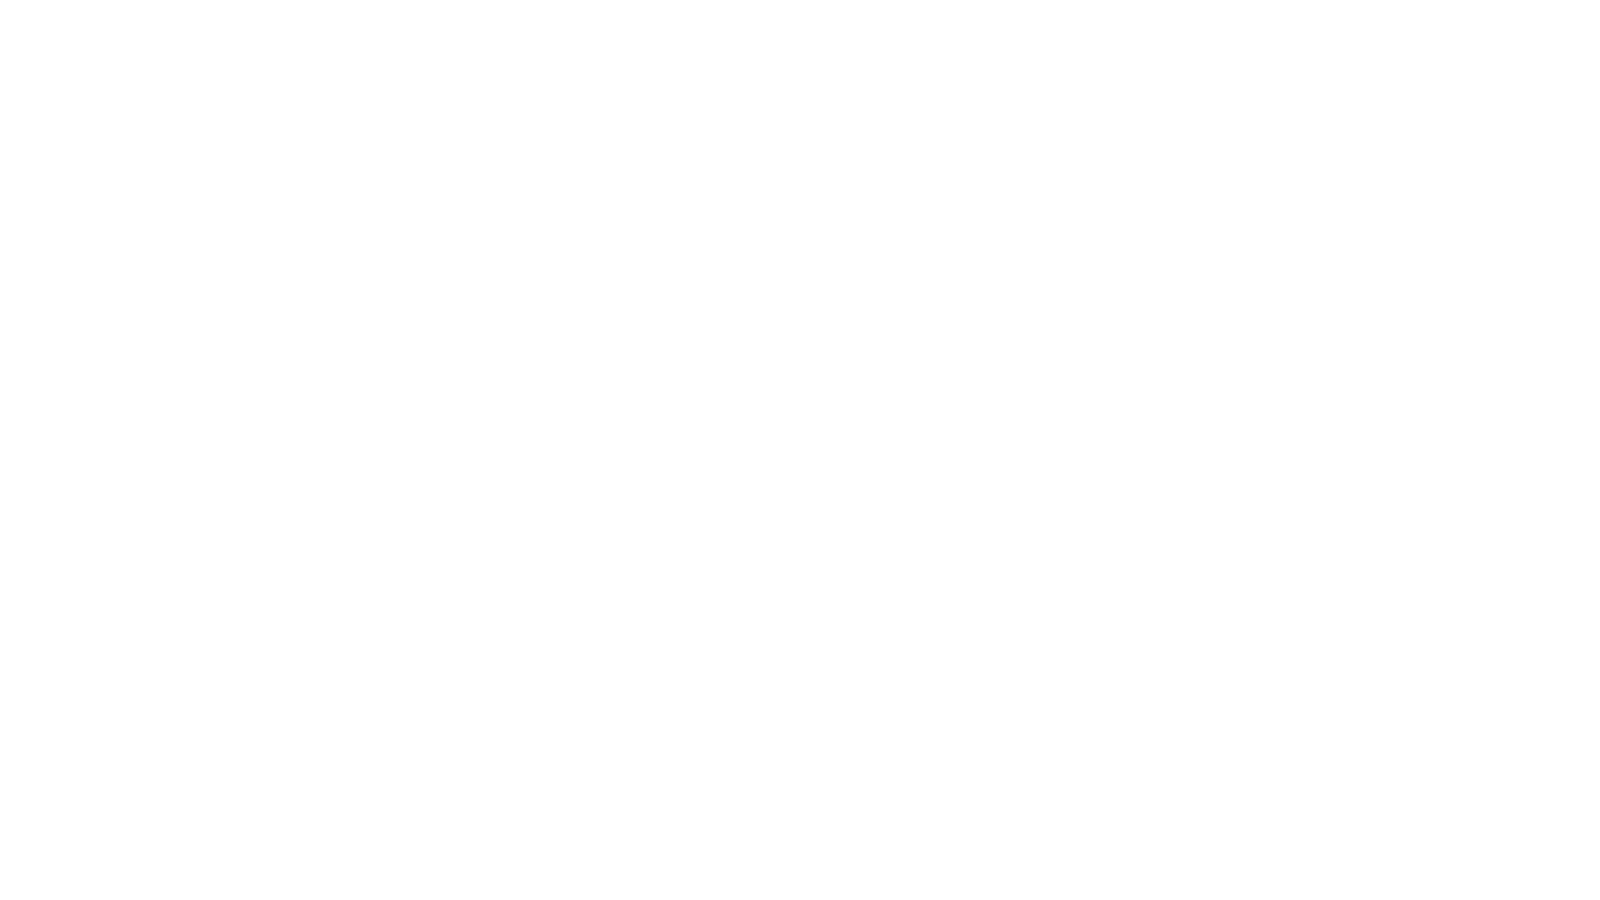 ذه الدراسة الرائعة لشرح سفر المزامير آية آية يقدمها الدكتور القس نبيل أسعد على قناة الكلمة وتشمل تقسيم وتفسيروتأملات لكل مزمور وتنتهي بفقرة خاصة بعنوان كلمة في وقتها حيث تحتوي على تطبيق عملي لحياتنا اليومي فهذه الدراسة الفريدة تشمل الكثير من التفسير النبوي والتطبيقي والدراسي والتعليمي ، نصلي ان تكون سبب بركة لحياتك